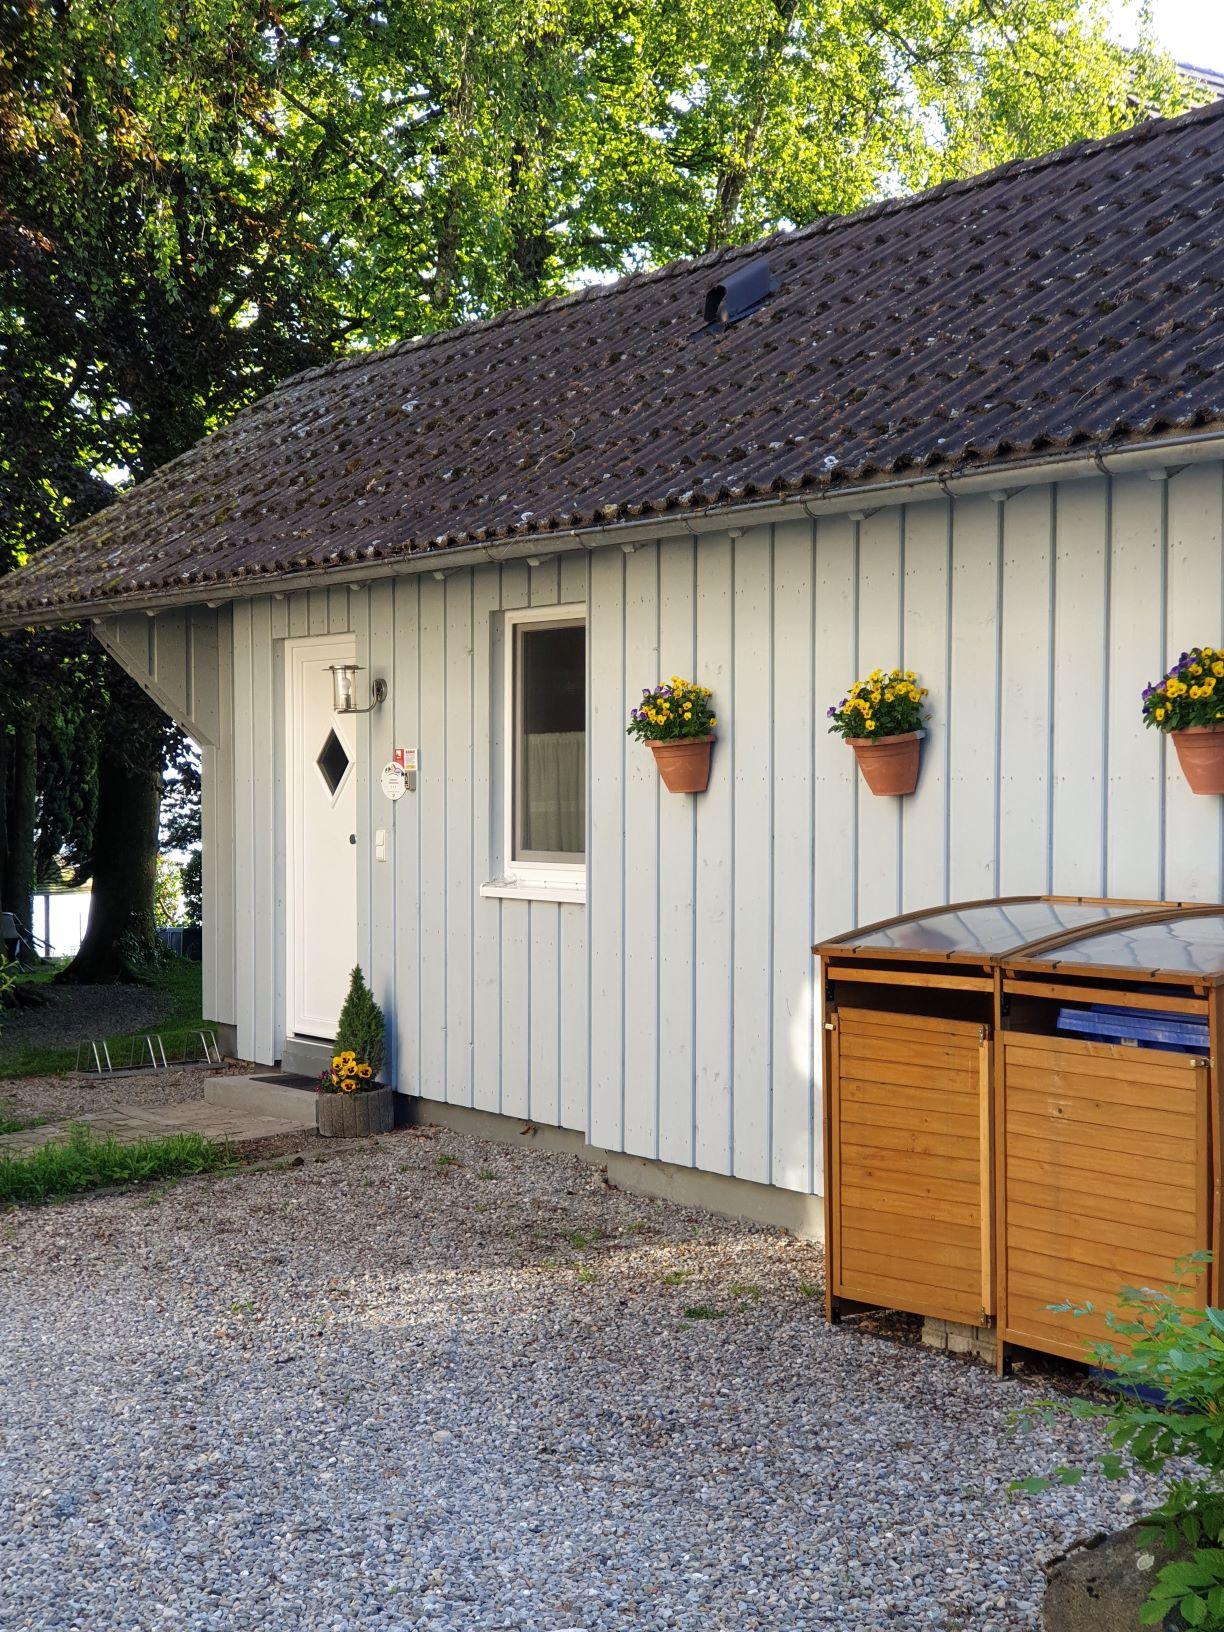 Ferienwohnung Gerster, (Wasserburg (Bodensee)). Fe Ferienhaus am Bodensee